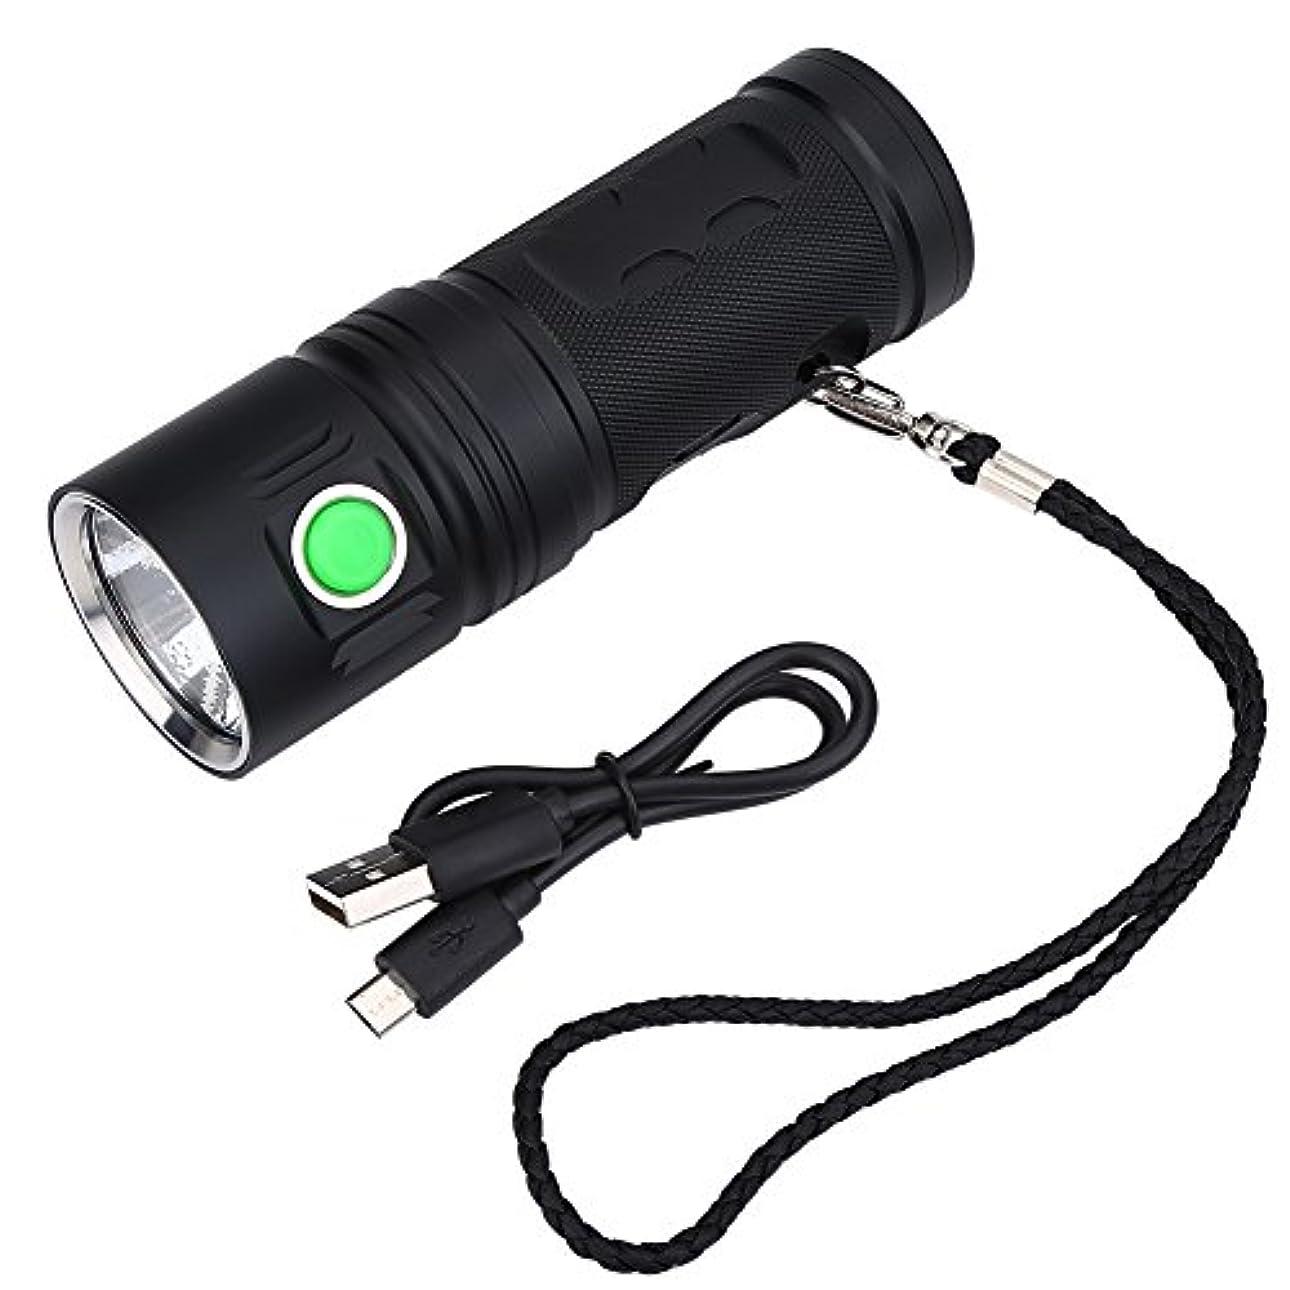 サッカーフォームサーマルLEDハンドルライト 懐中電灯 3500lmトーチライト 防水 超高輝度 3つのモード USB充電可能 ブラック